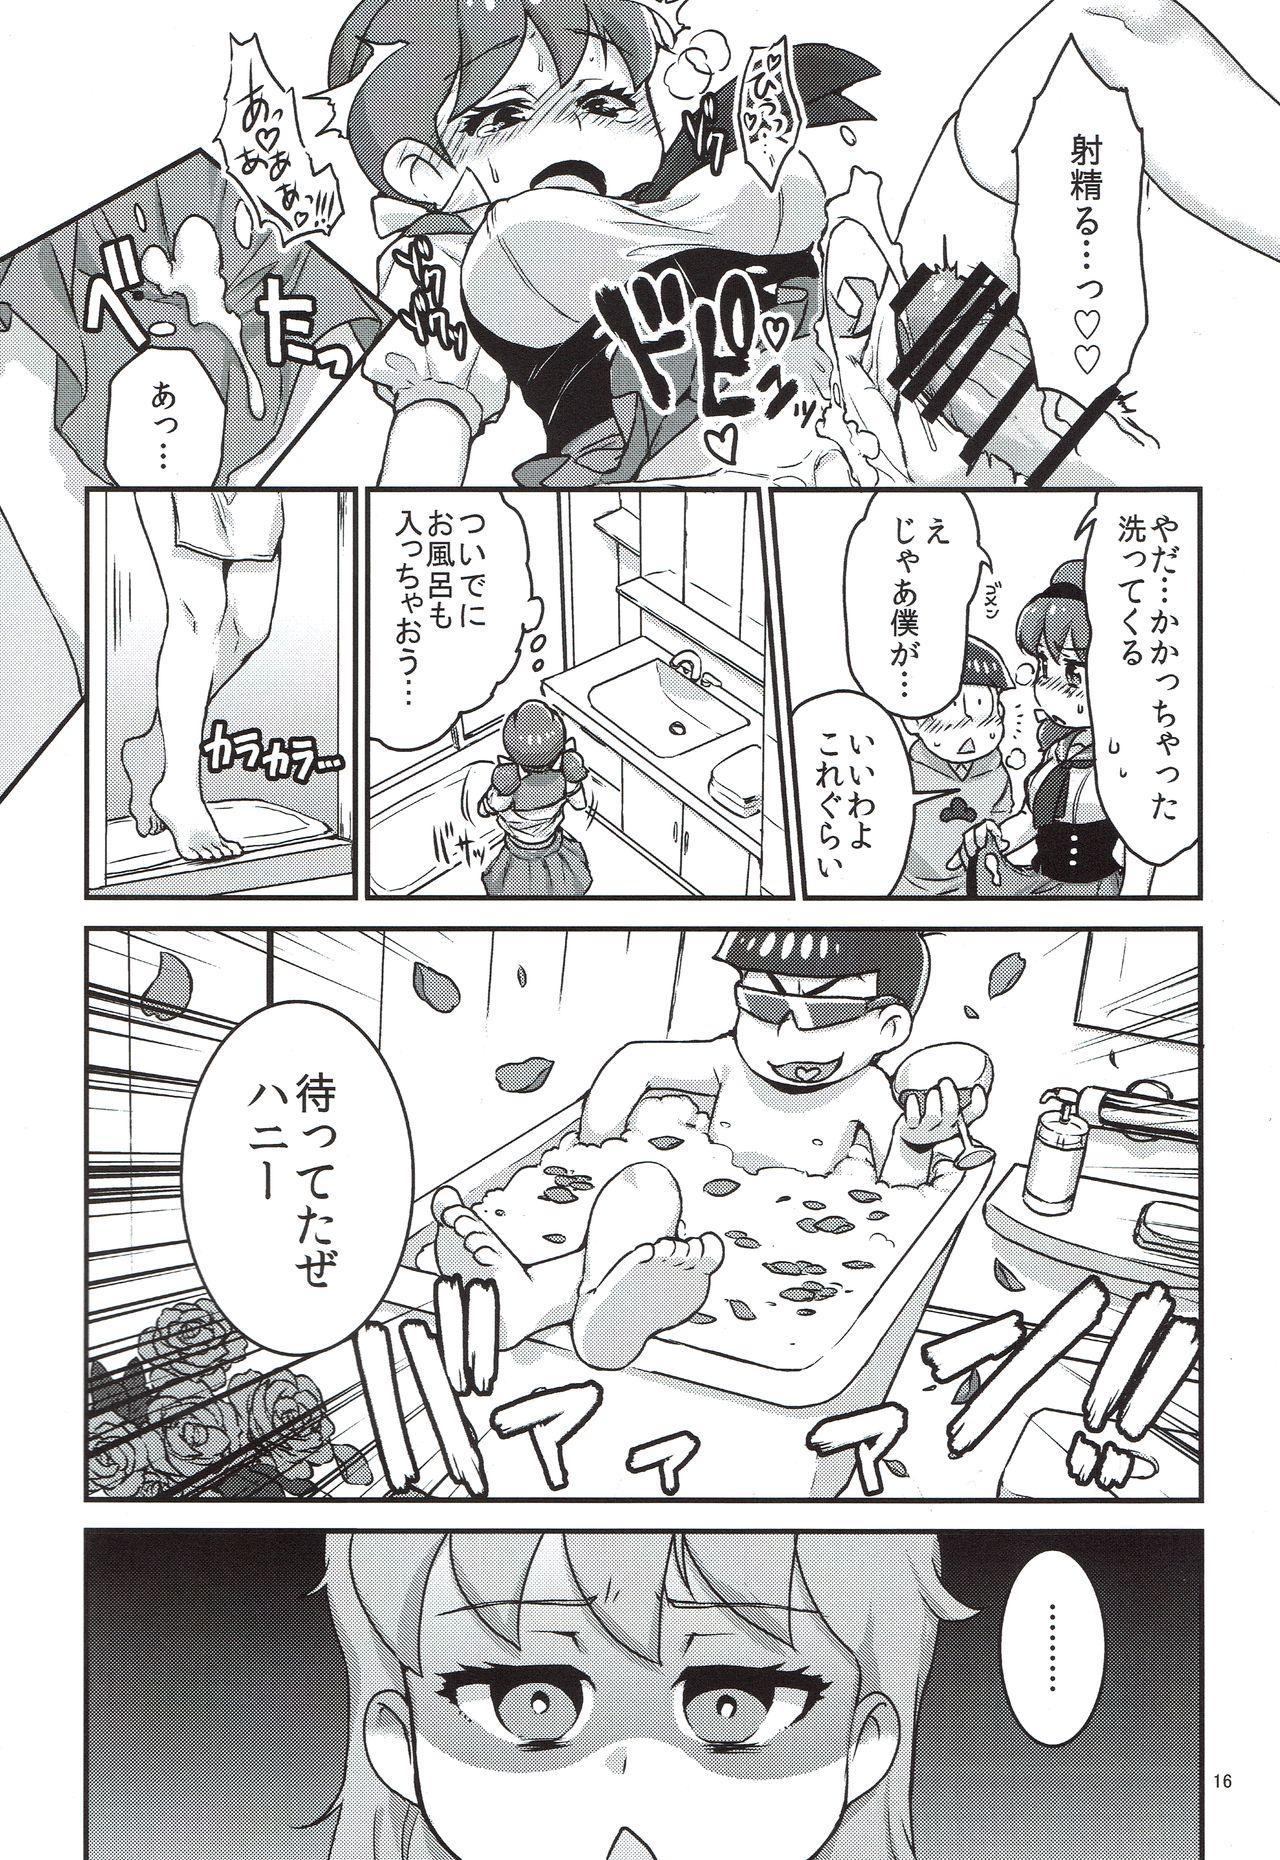 Mutsugo to Totoko-chan no Juukon Seikatsu 16